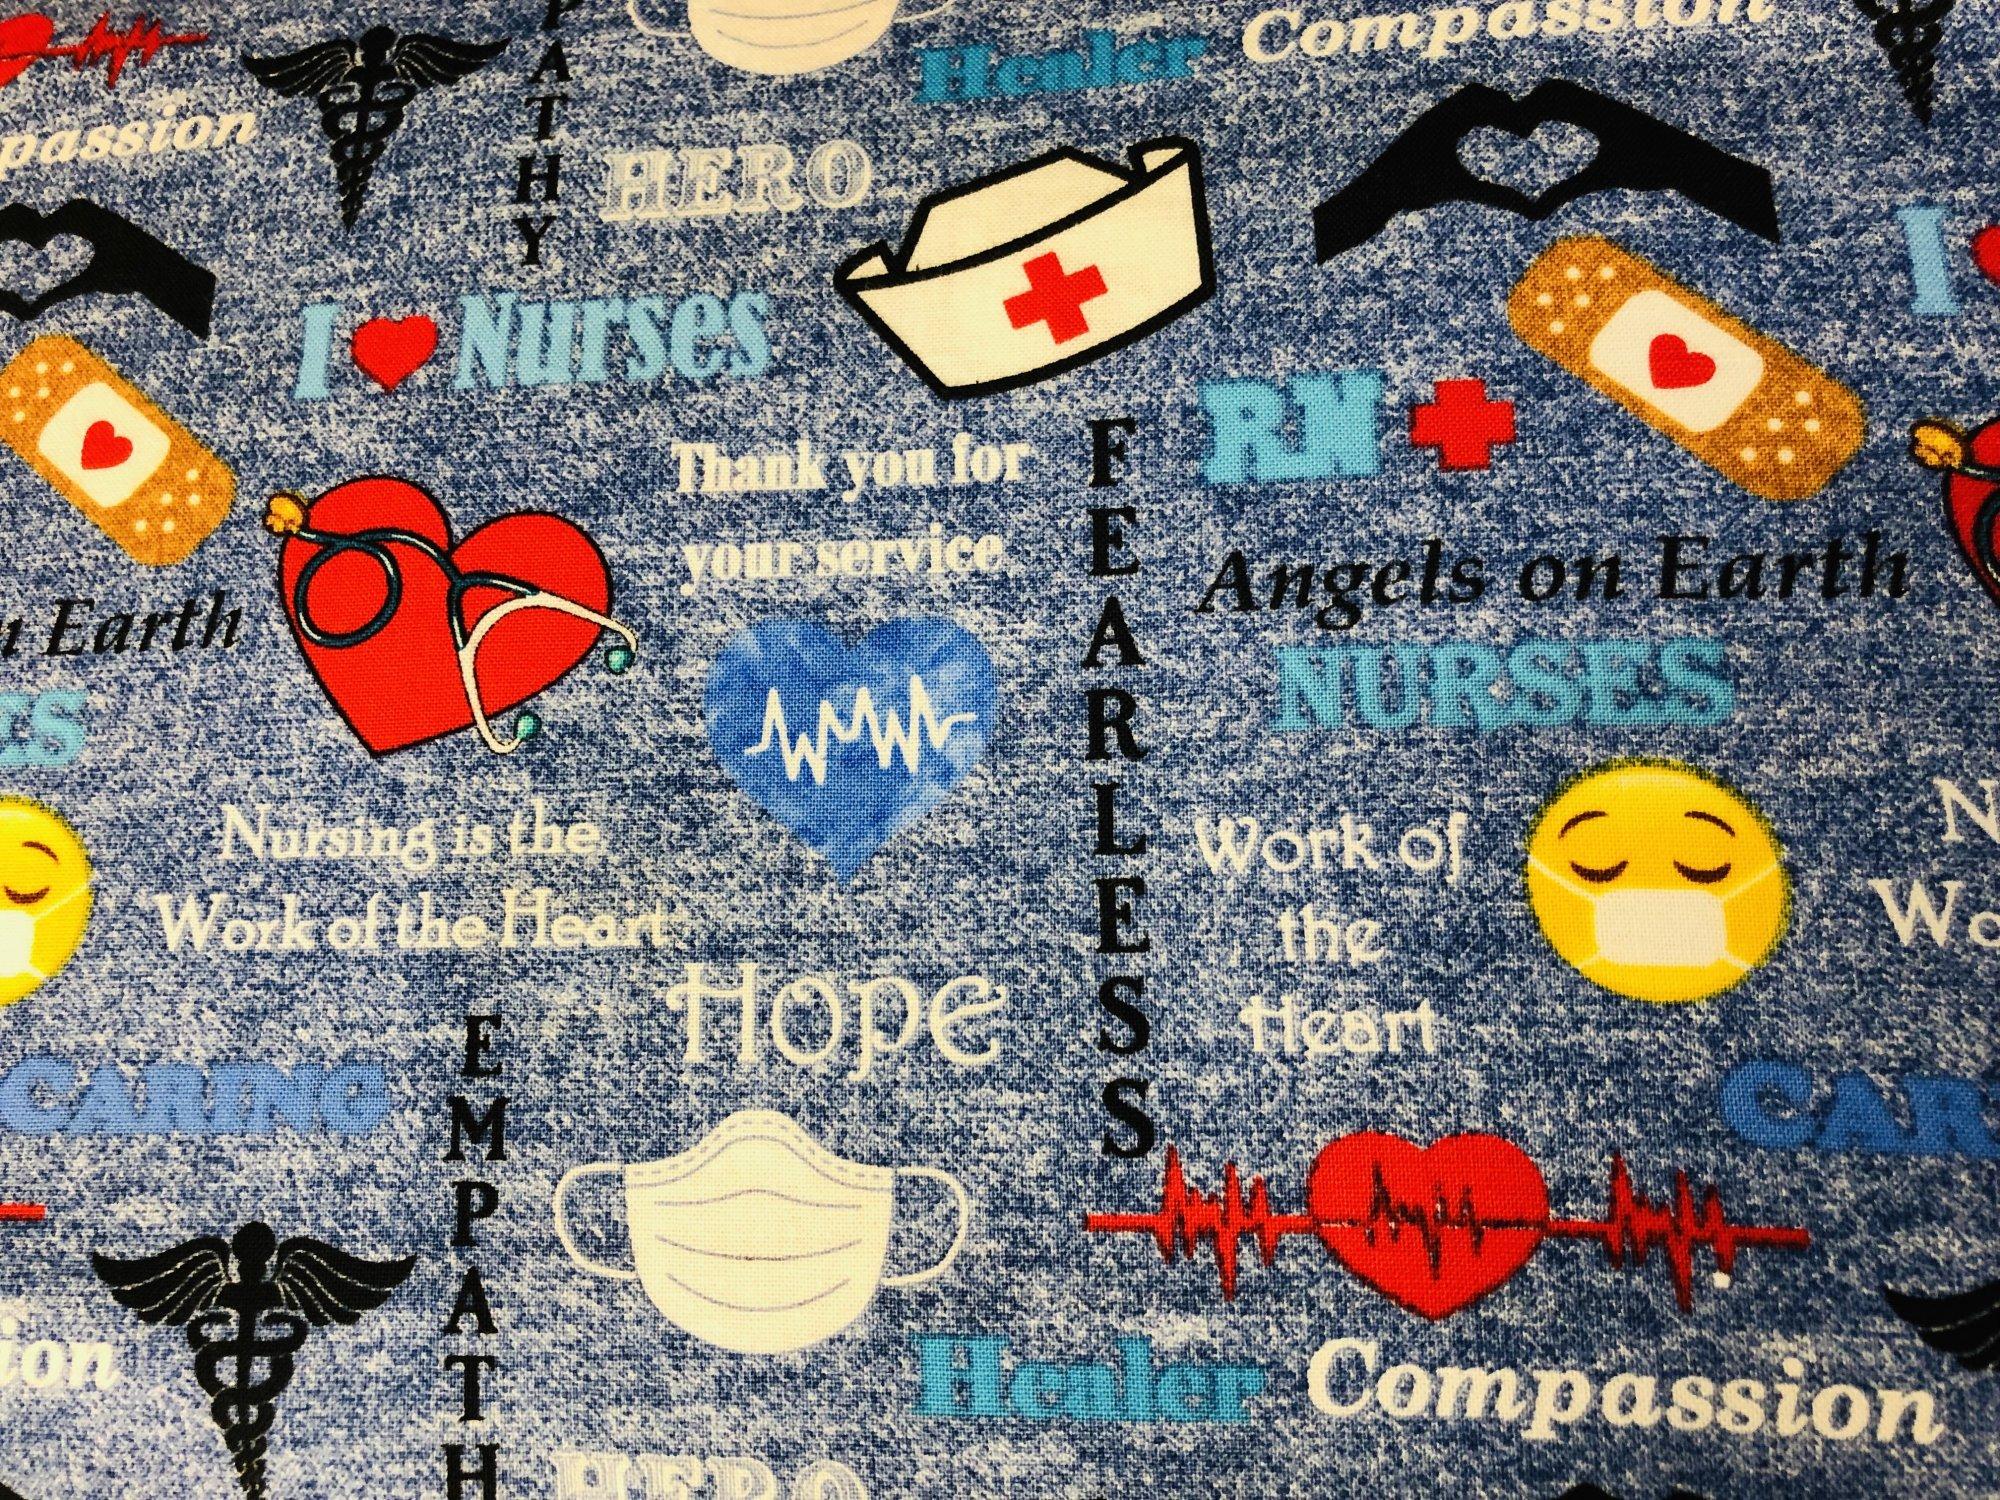 Nurses - Angels on Earth